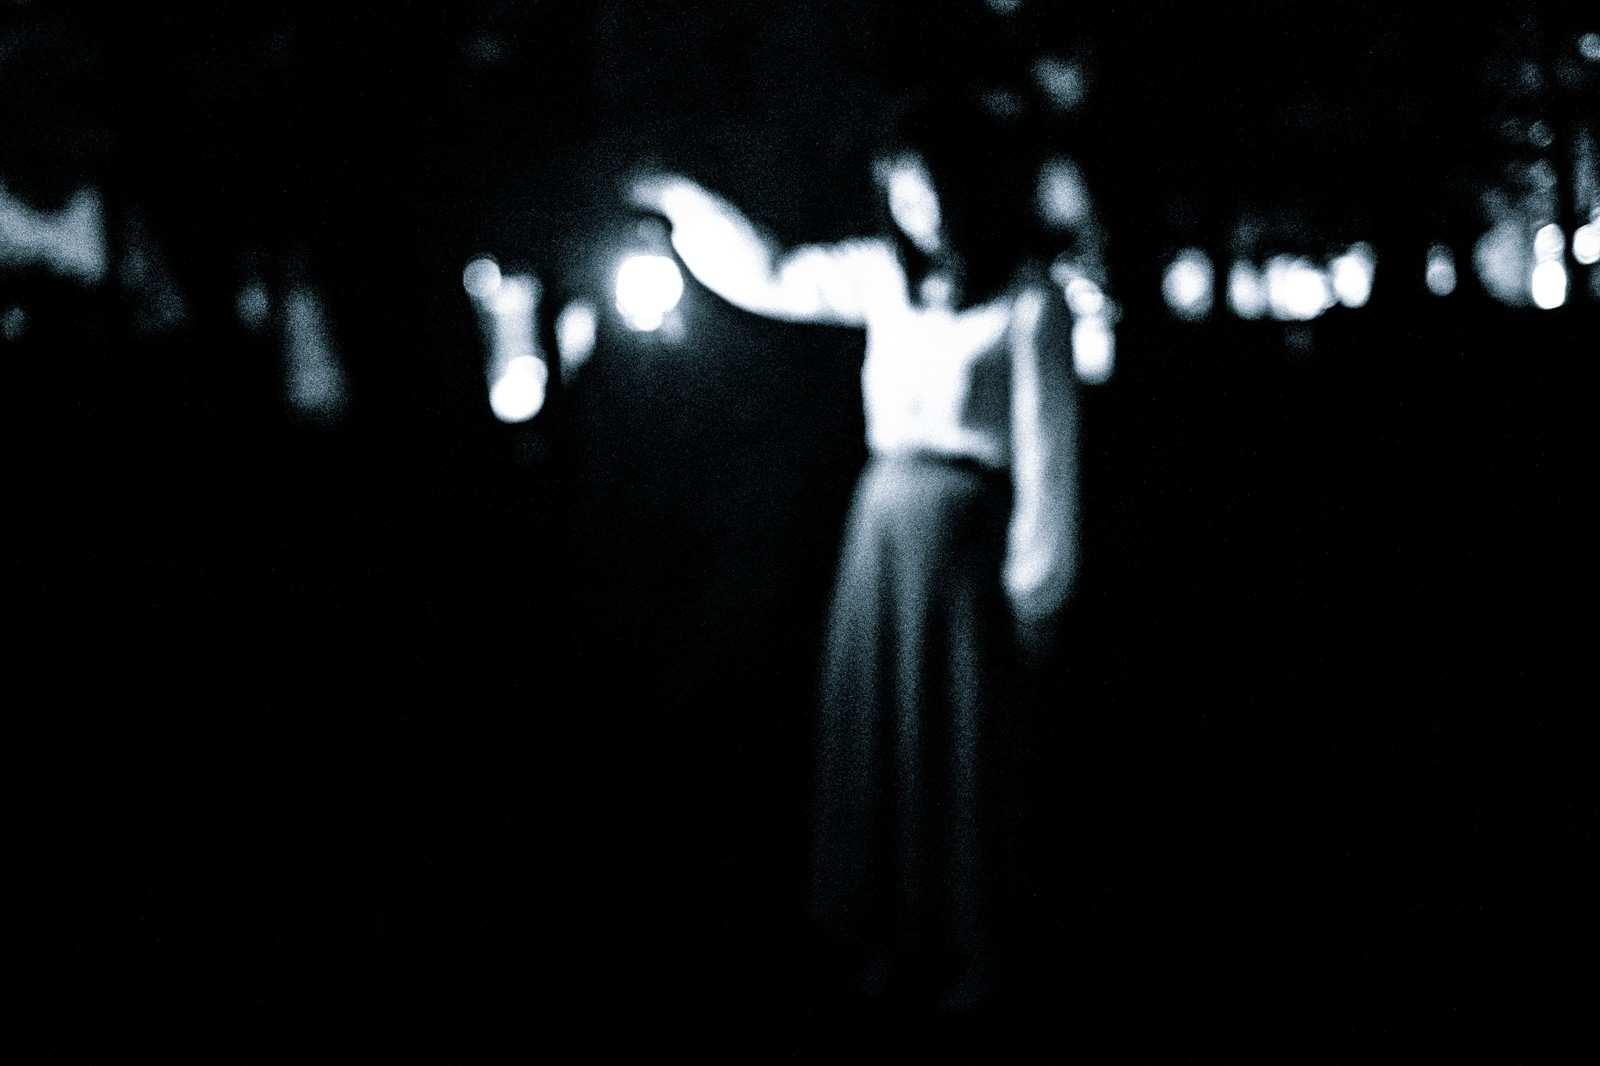 『夜中に飛び跳ねる女』|【狂気】人間の本当にあった怖い話